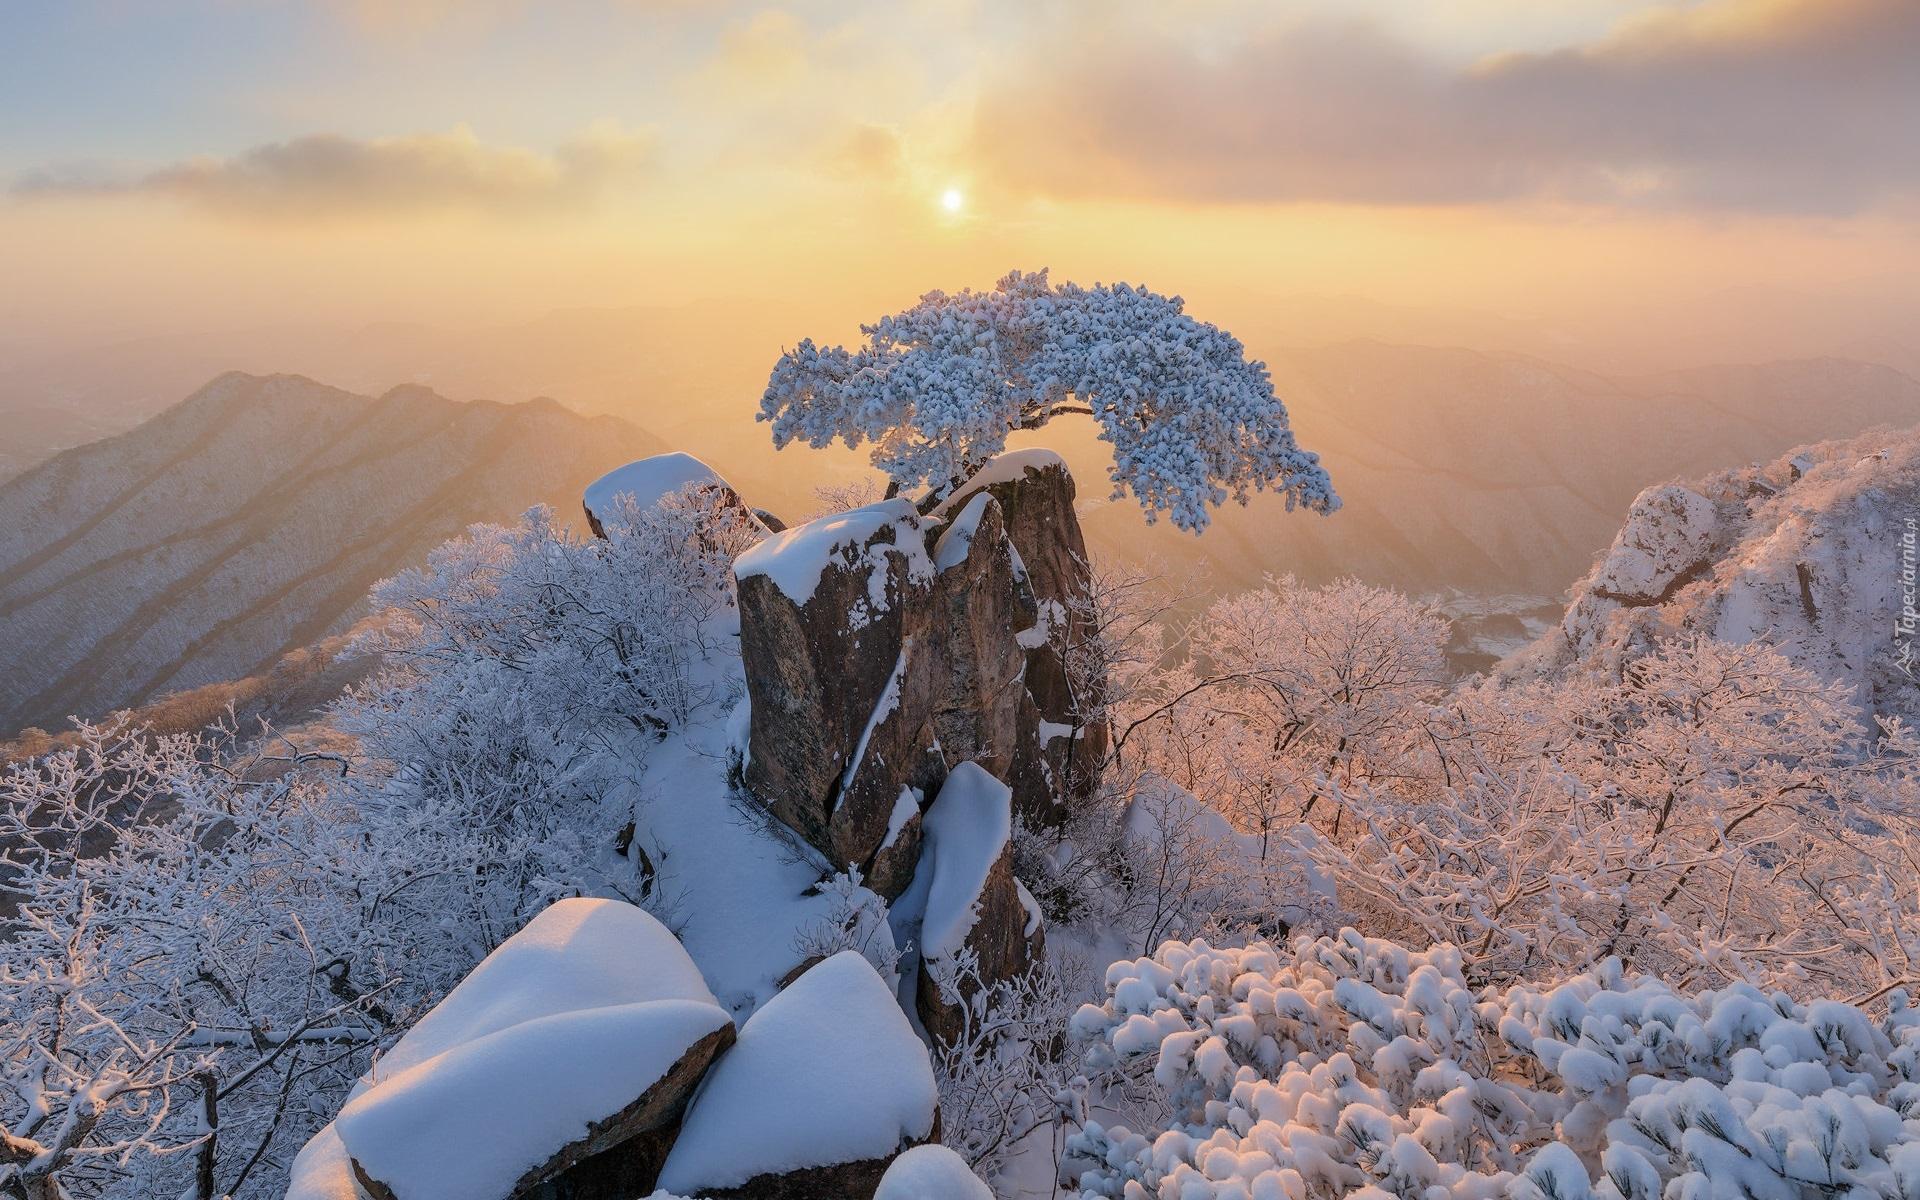 tapeta-osniezone-drzewa-wsrod-skal-w-koreanskim-parku-prowincjonalnym-daedunsan.jpg